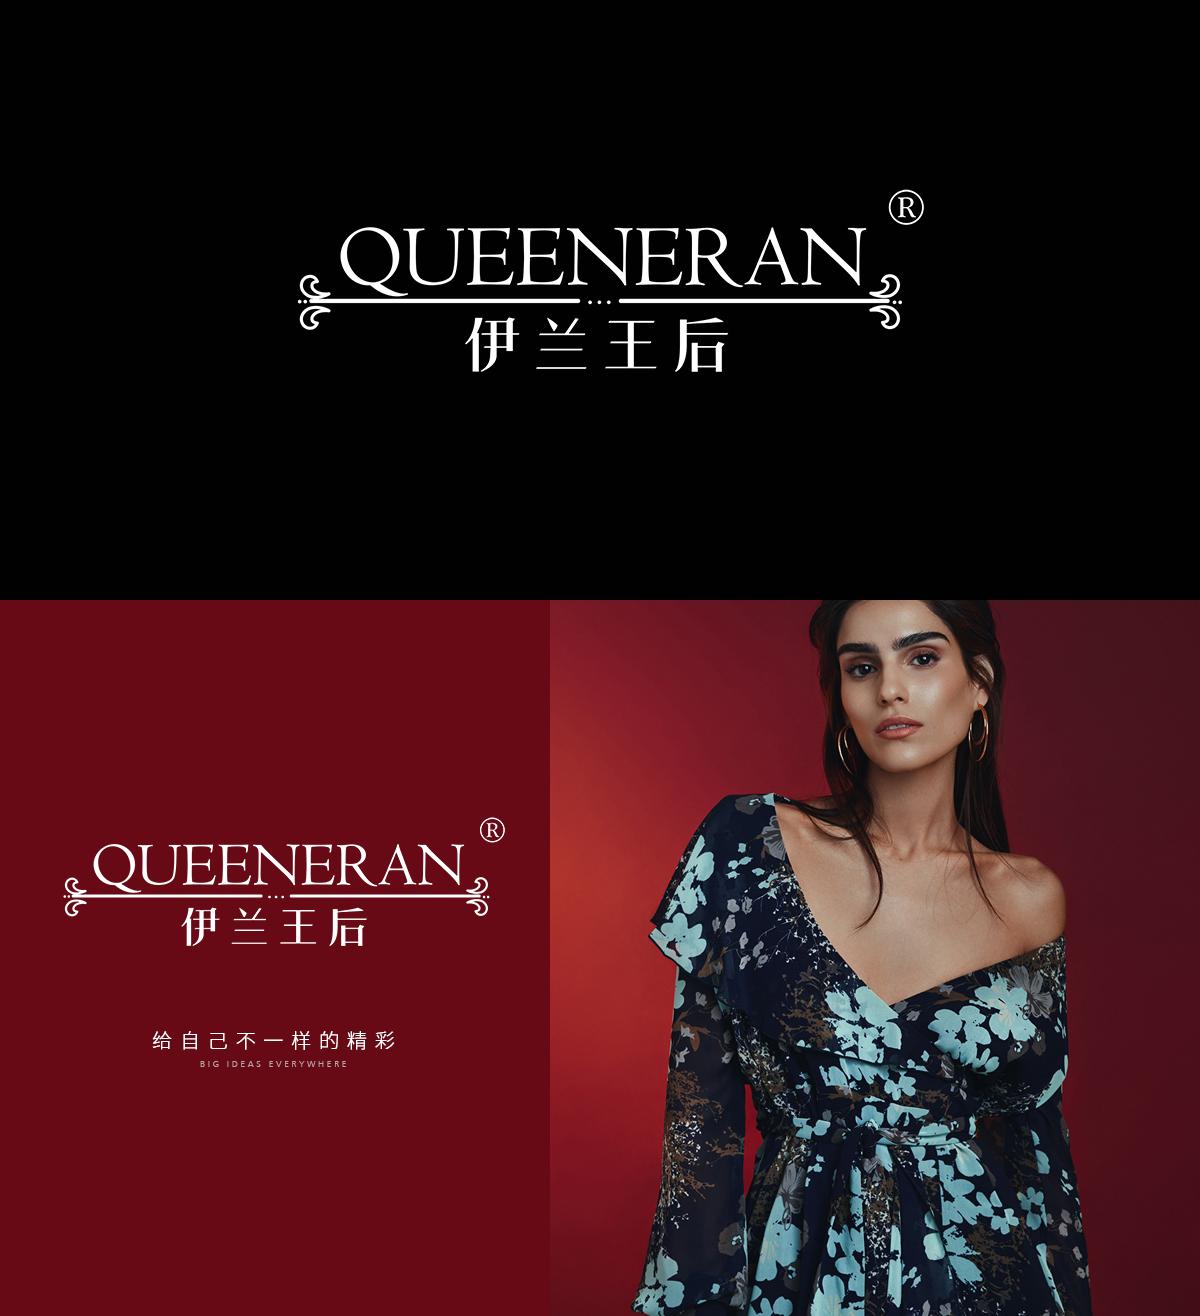 伊兰王后 QUEENERAN